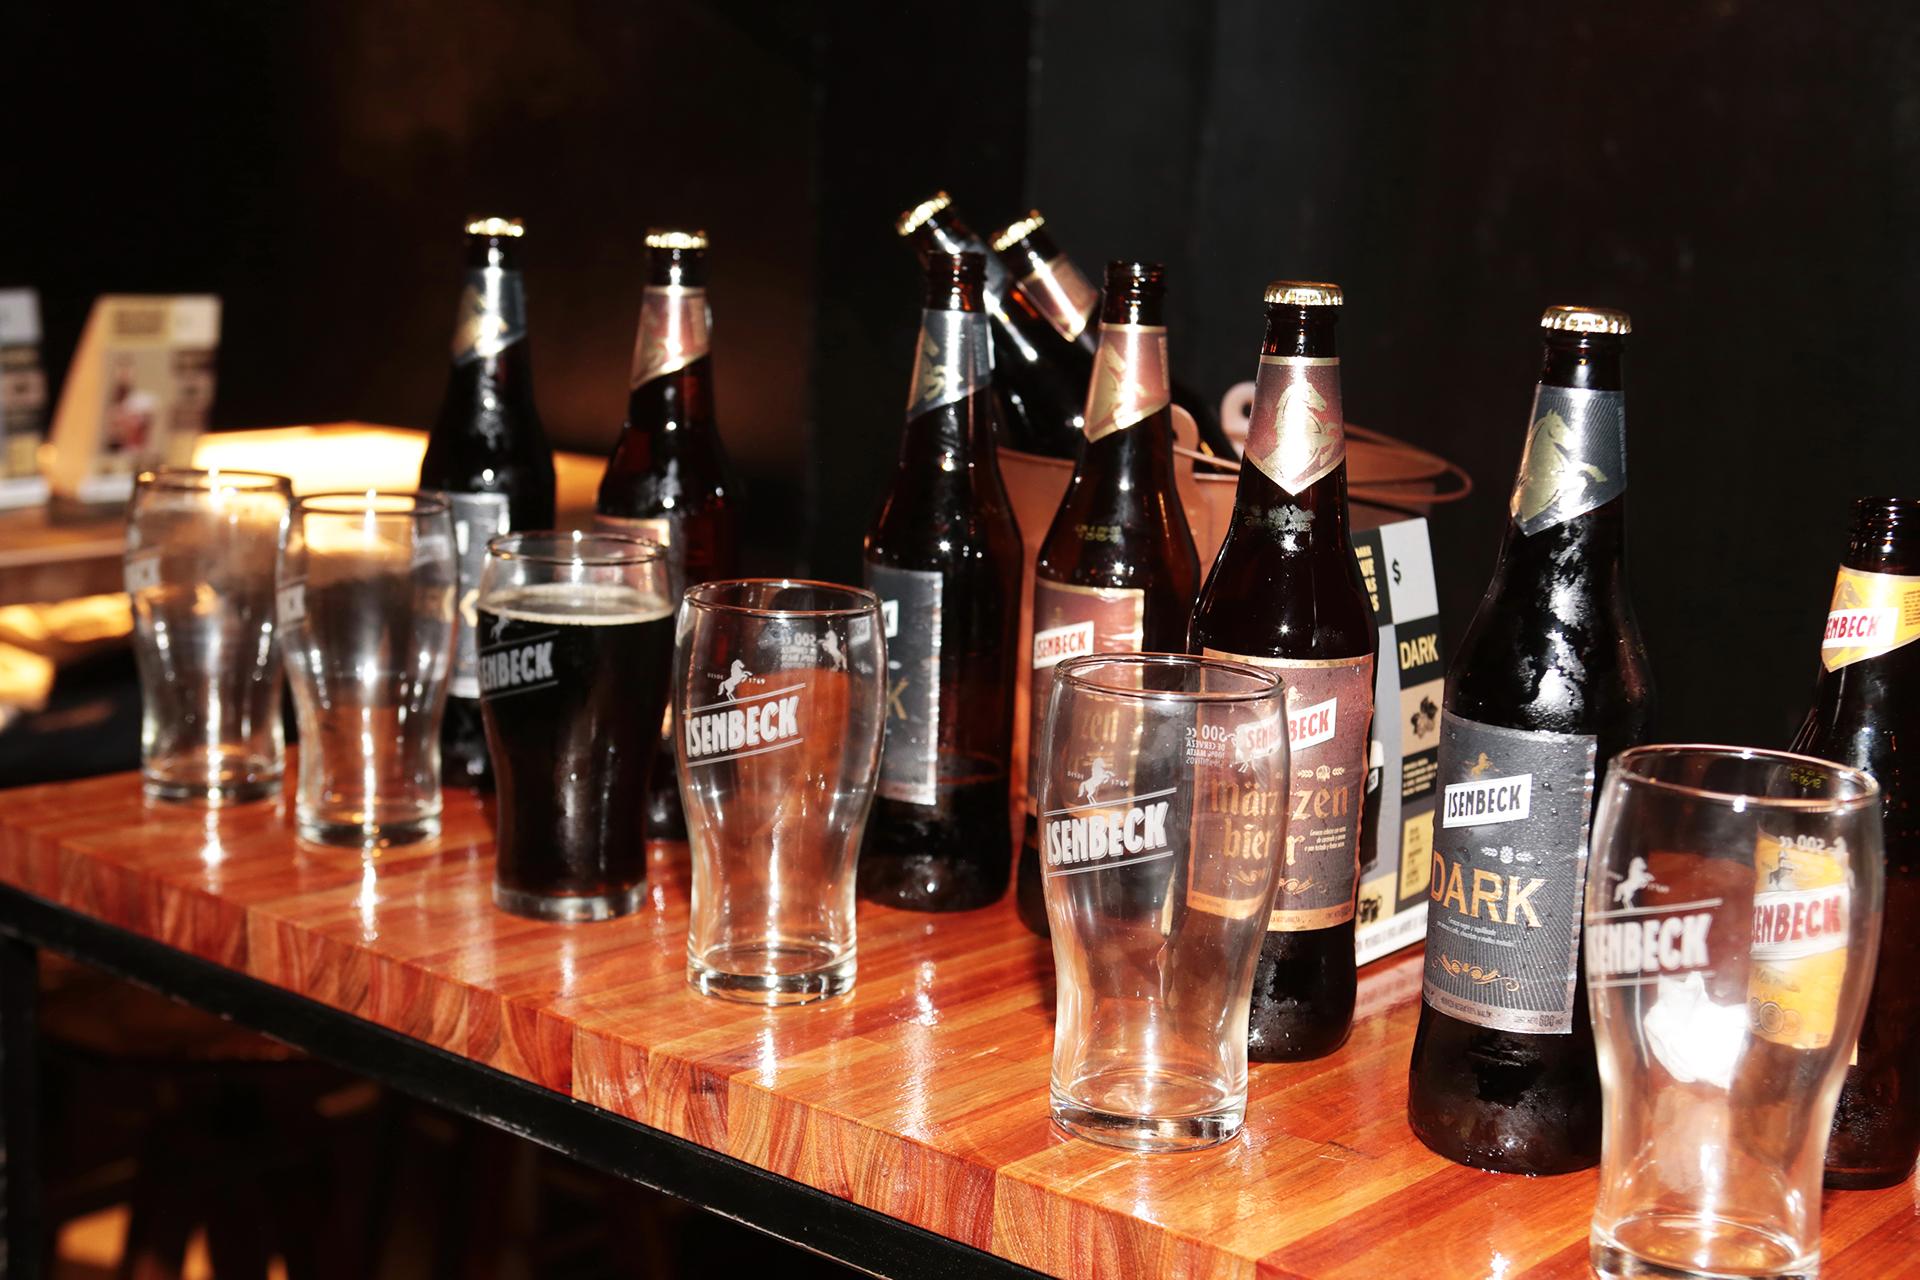 La Märzen Bier es una cerveza, maltosa y robusta, algo tostada y con una dulzura residual que da lugar a un final muy agradable. En su elaboración, se utilizan distintos tipos de maltas especiales que le proporcionan su carácter y personalidad especial